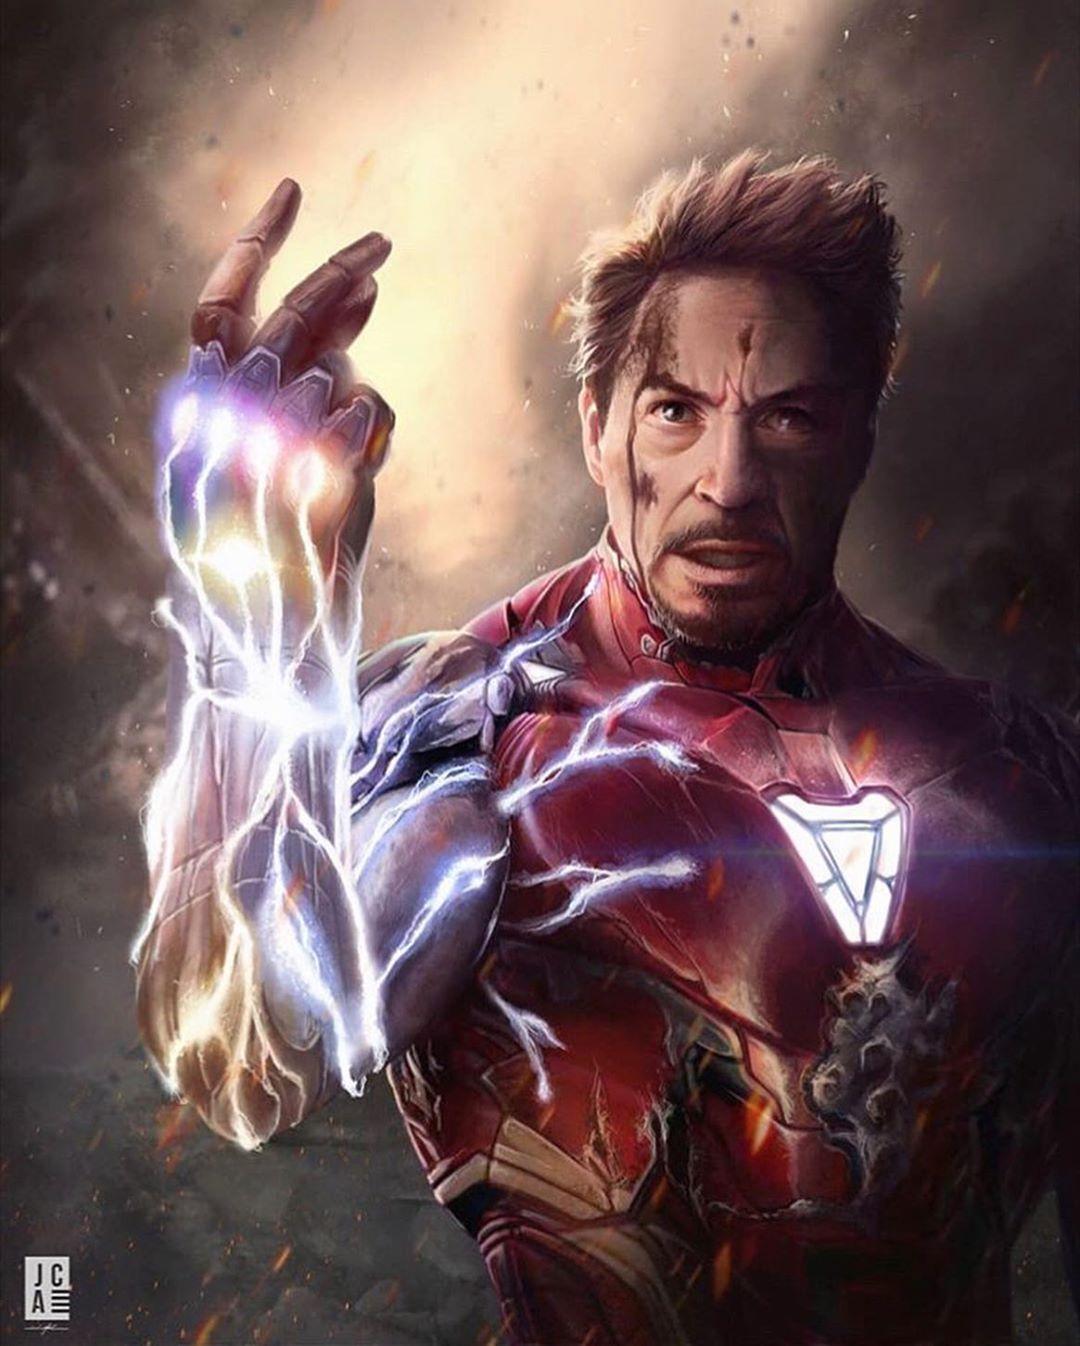 I Am Ironman Follow Me For More Geek Arts Ironman Avengersendgame Mcu Marvel Marvellegends Iron Man Avengers Marvel Iron Man Marvel Superheroes